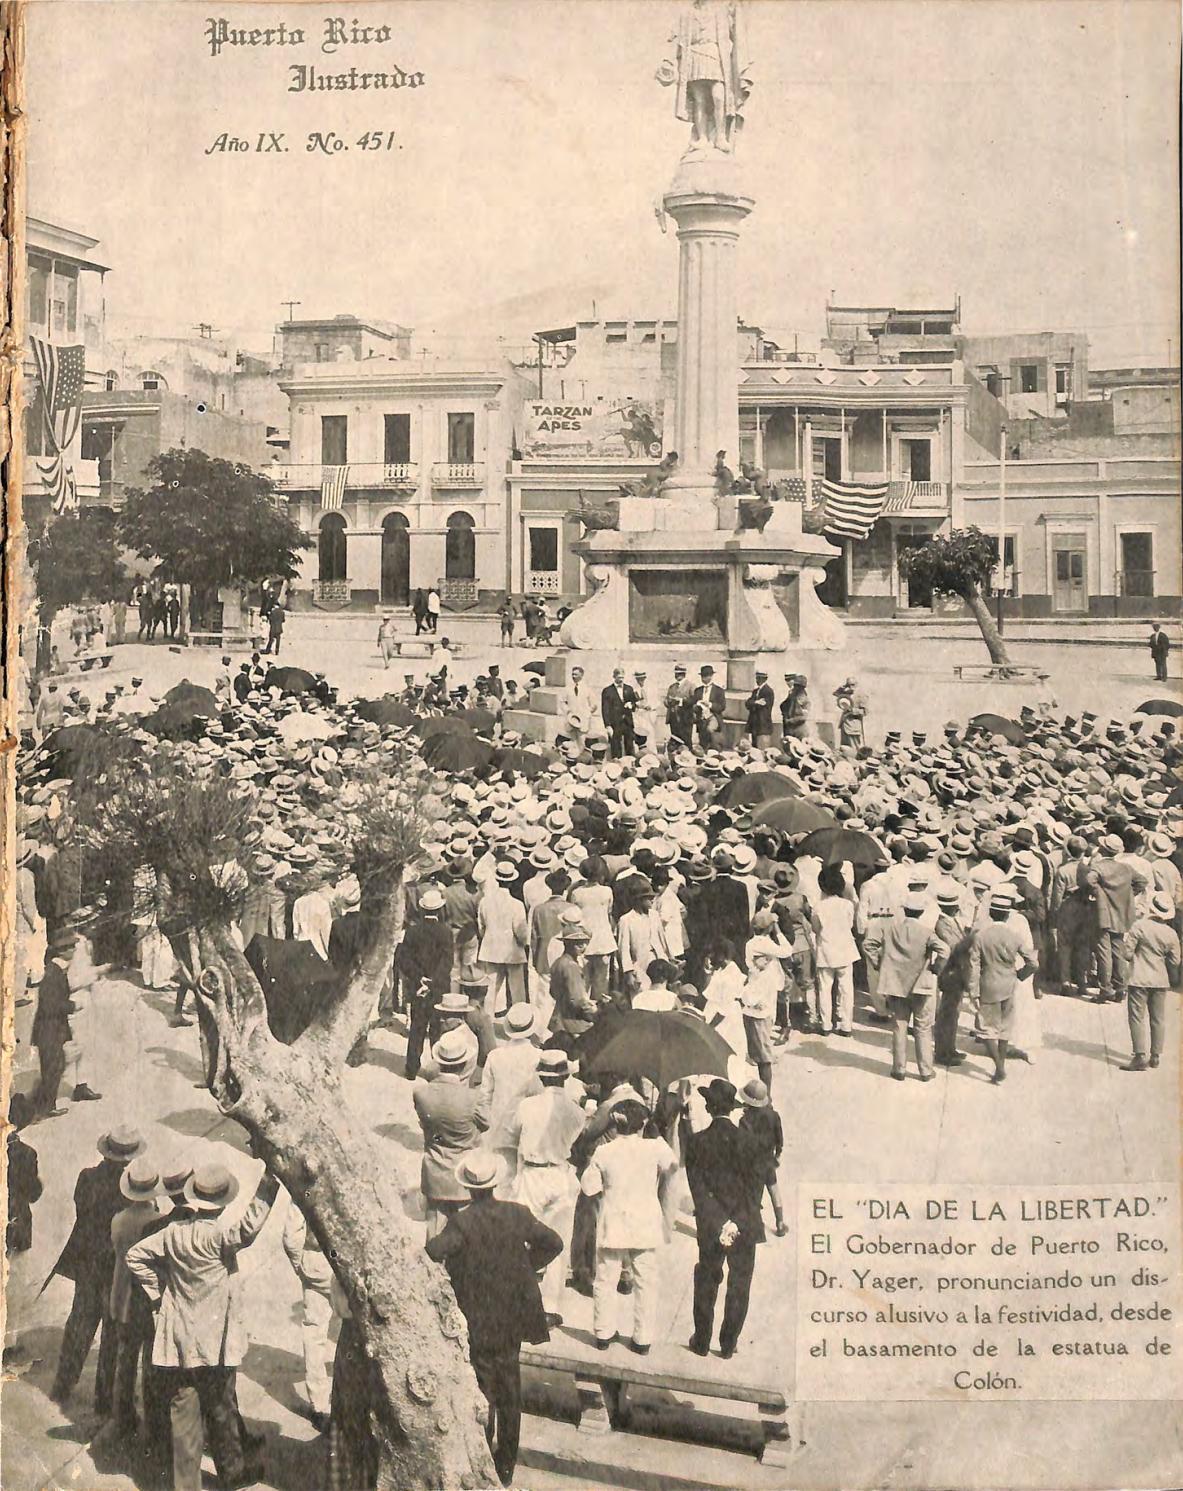 Puerto Rico Ilustrado 19 Oct 1918 By Colecci N Puertorrique A  # Ahorro Muebles Caguas Direccion